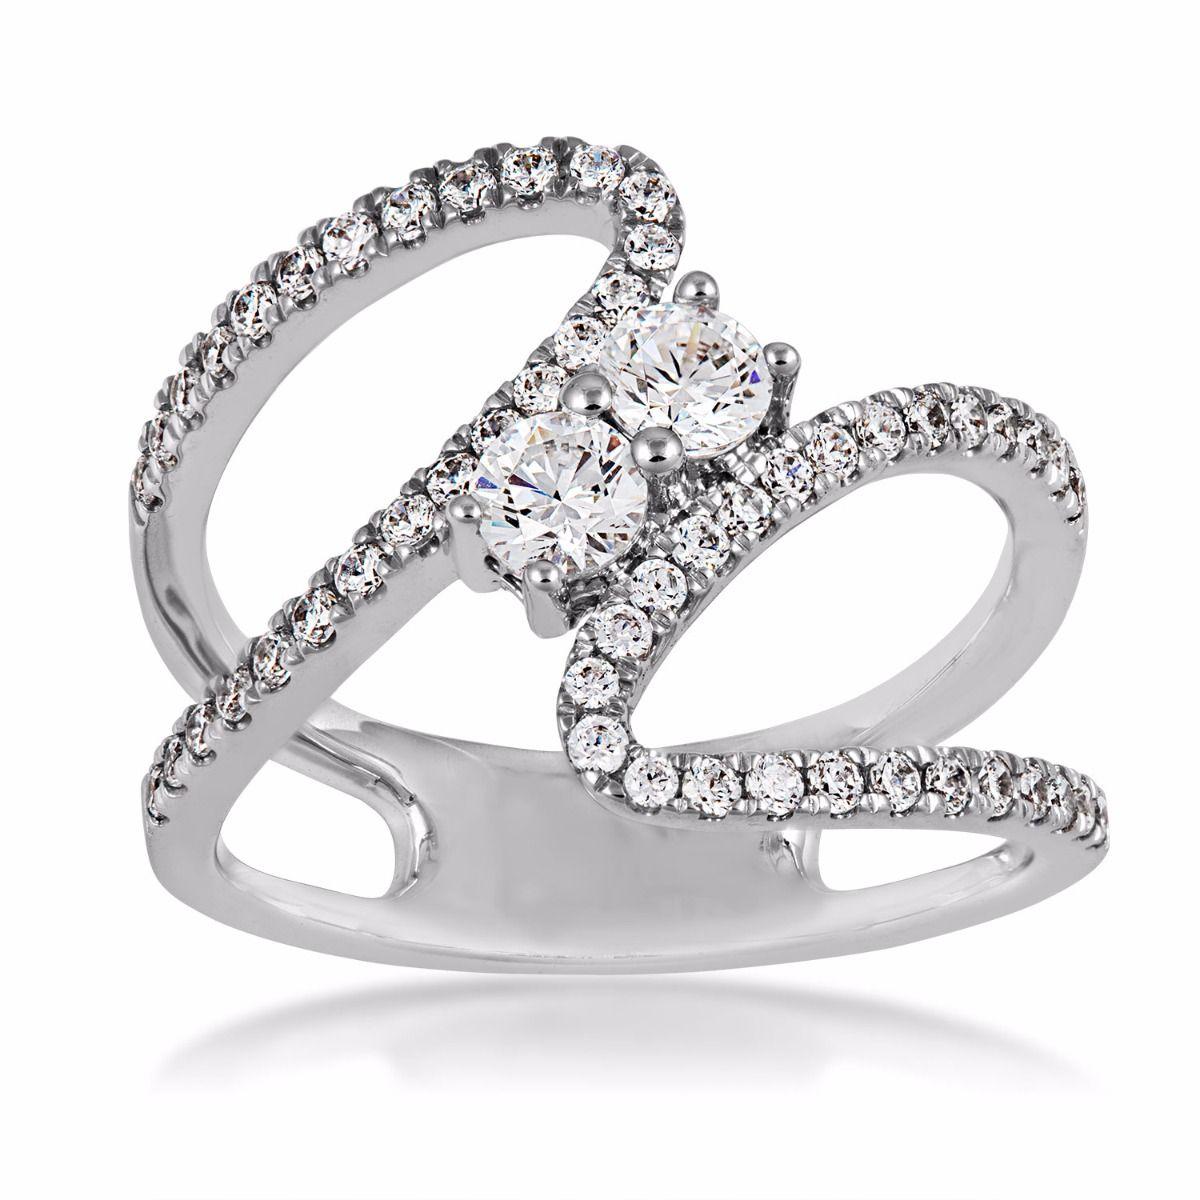 designer rings 7/8cttw 2beloved diamond ring in 14k white gold - sr1324r lwncchu